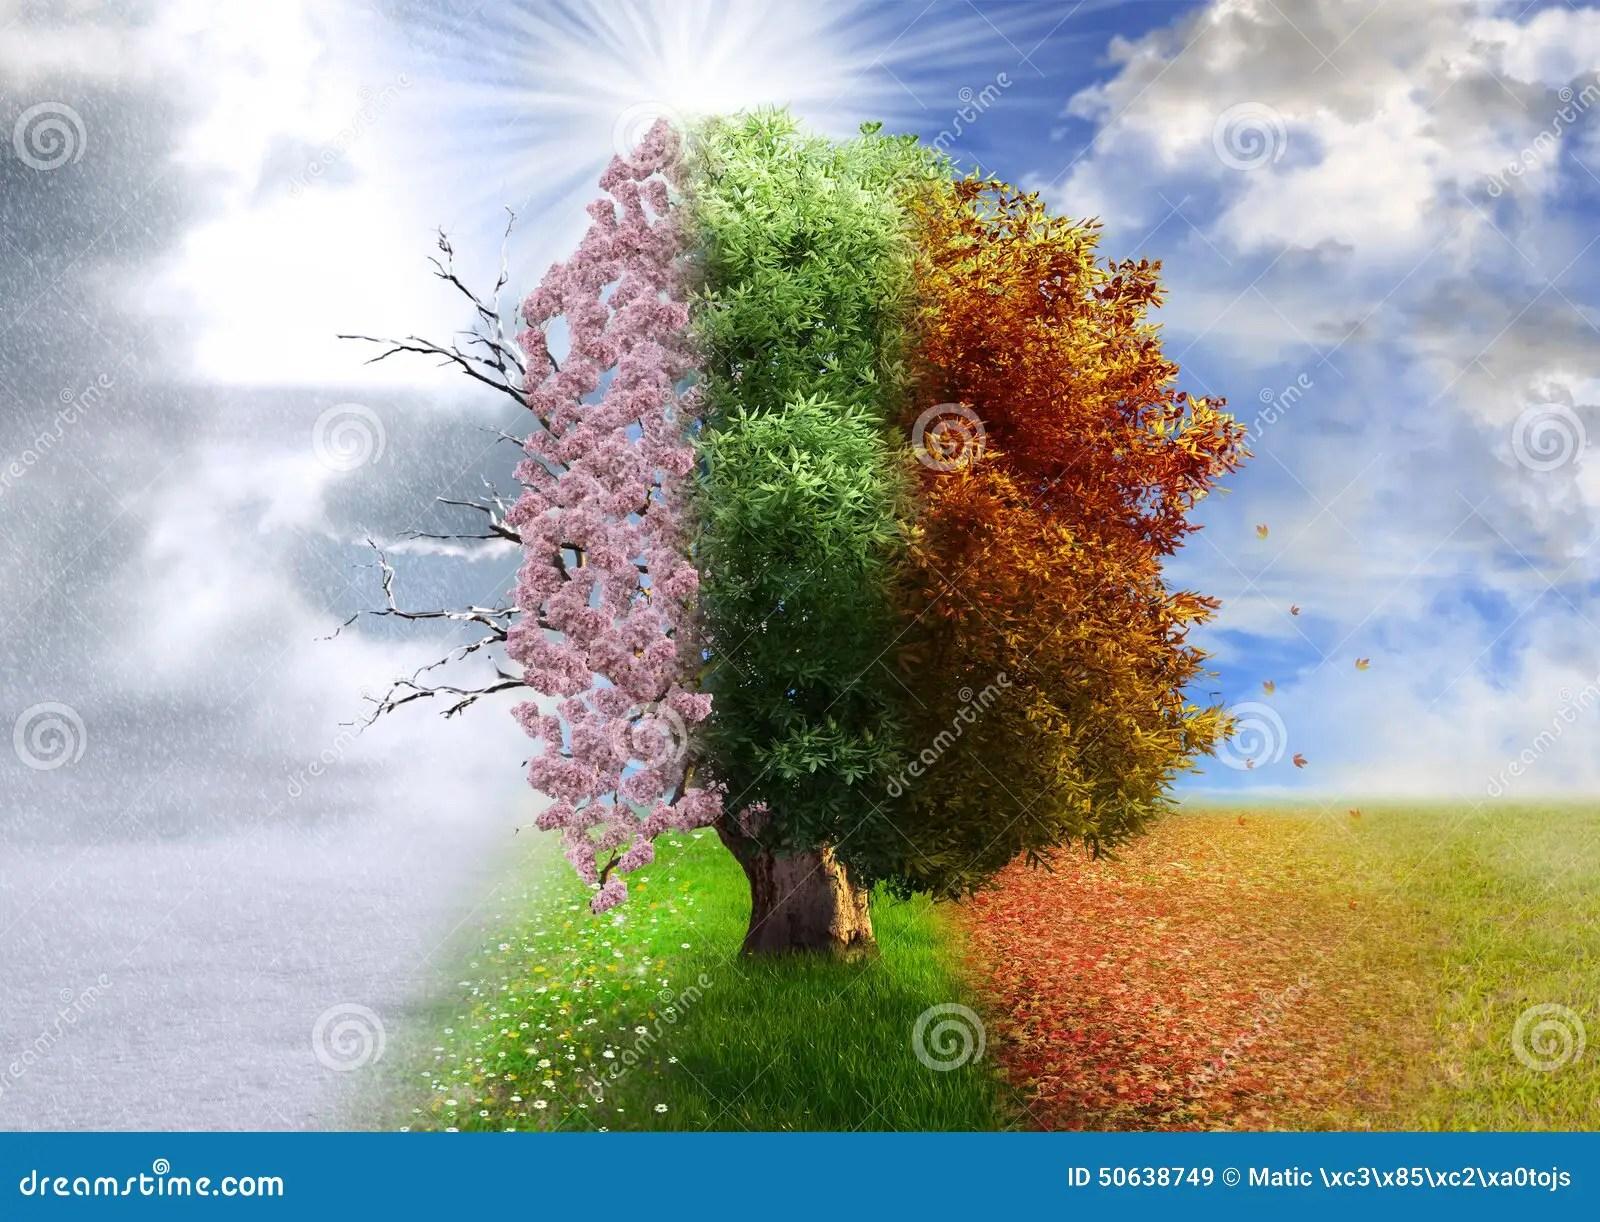 Four Season Tree Stock Photos